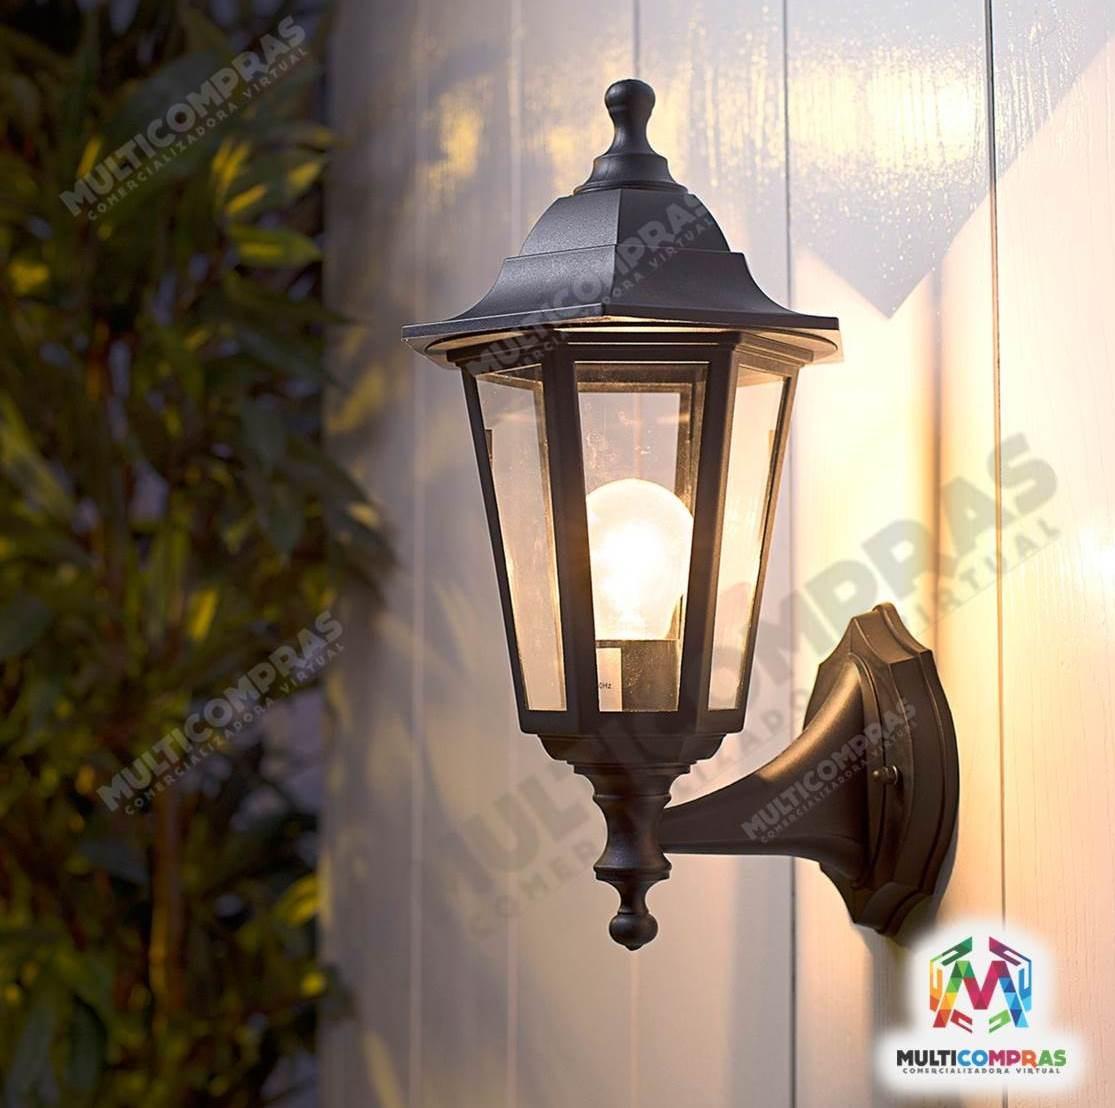 Farol luz bombillo finca casa apartamento balc n for Faroles para iluminacion exterior